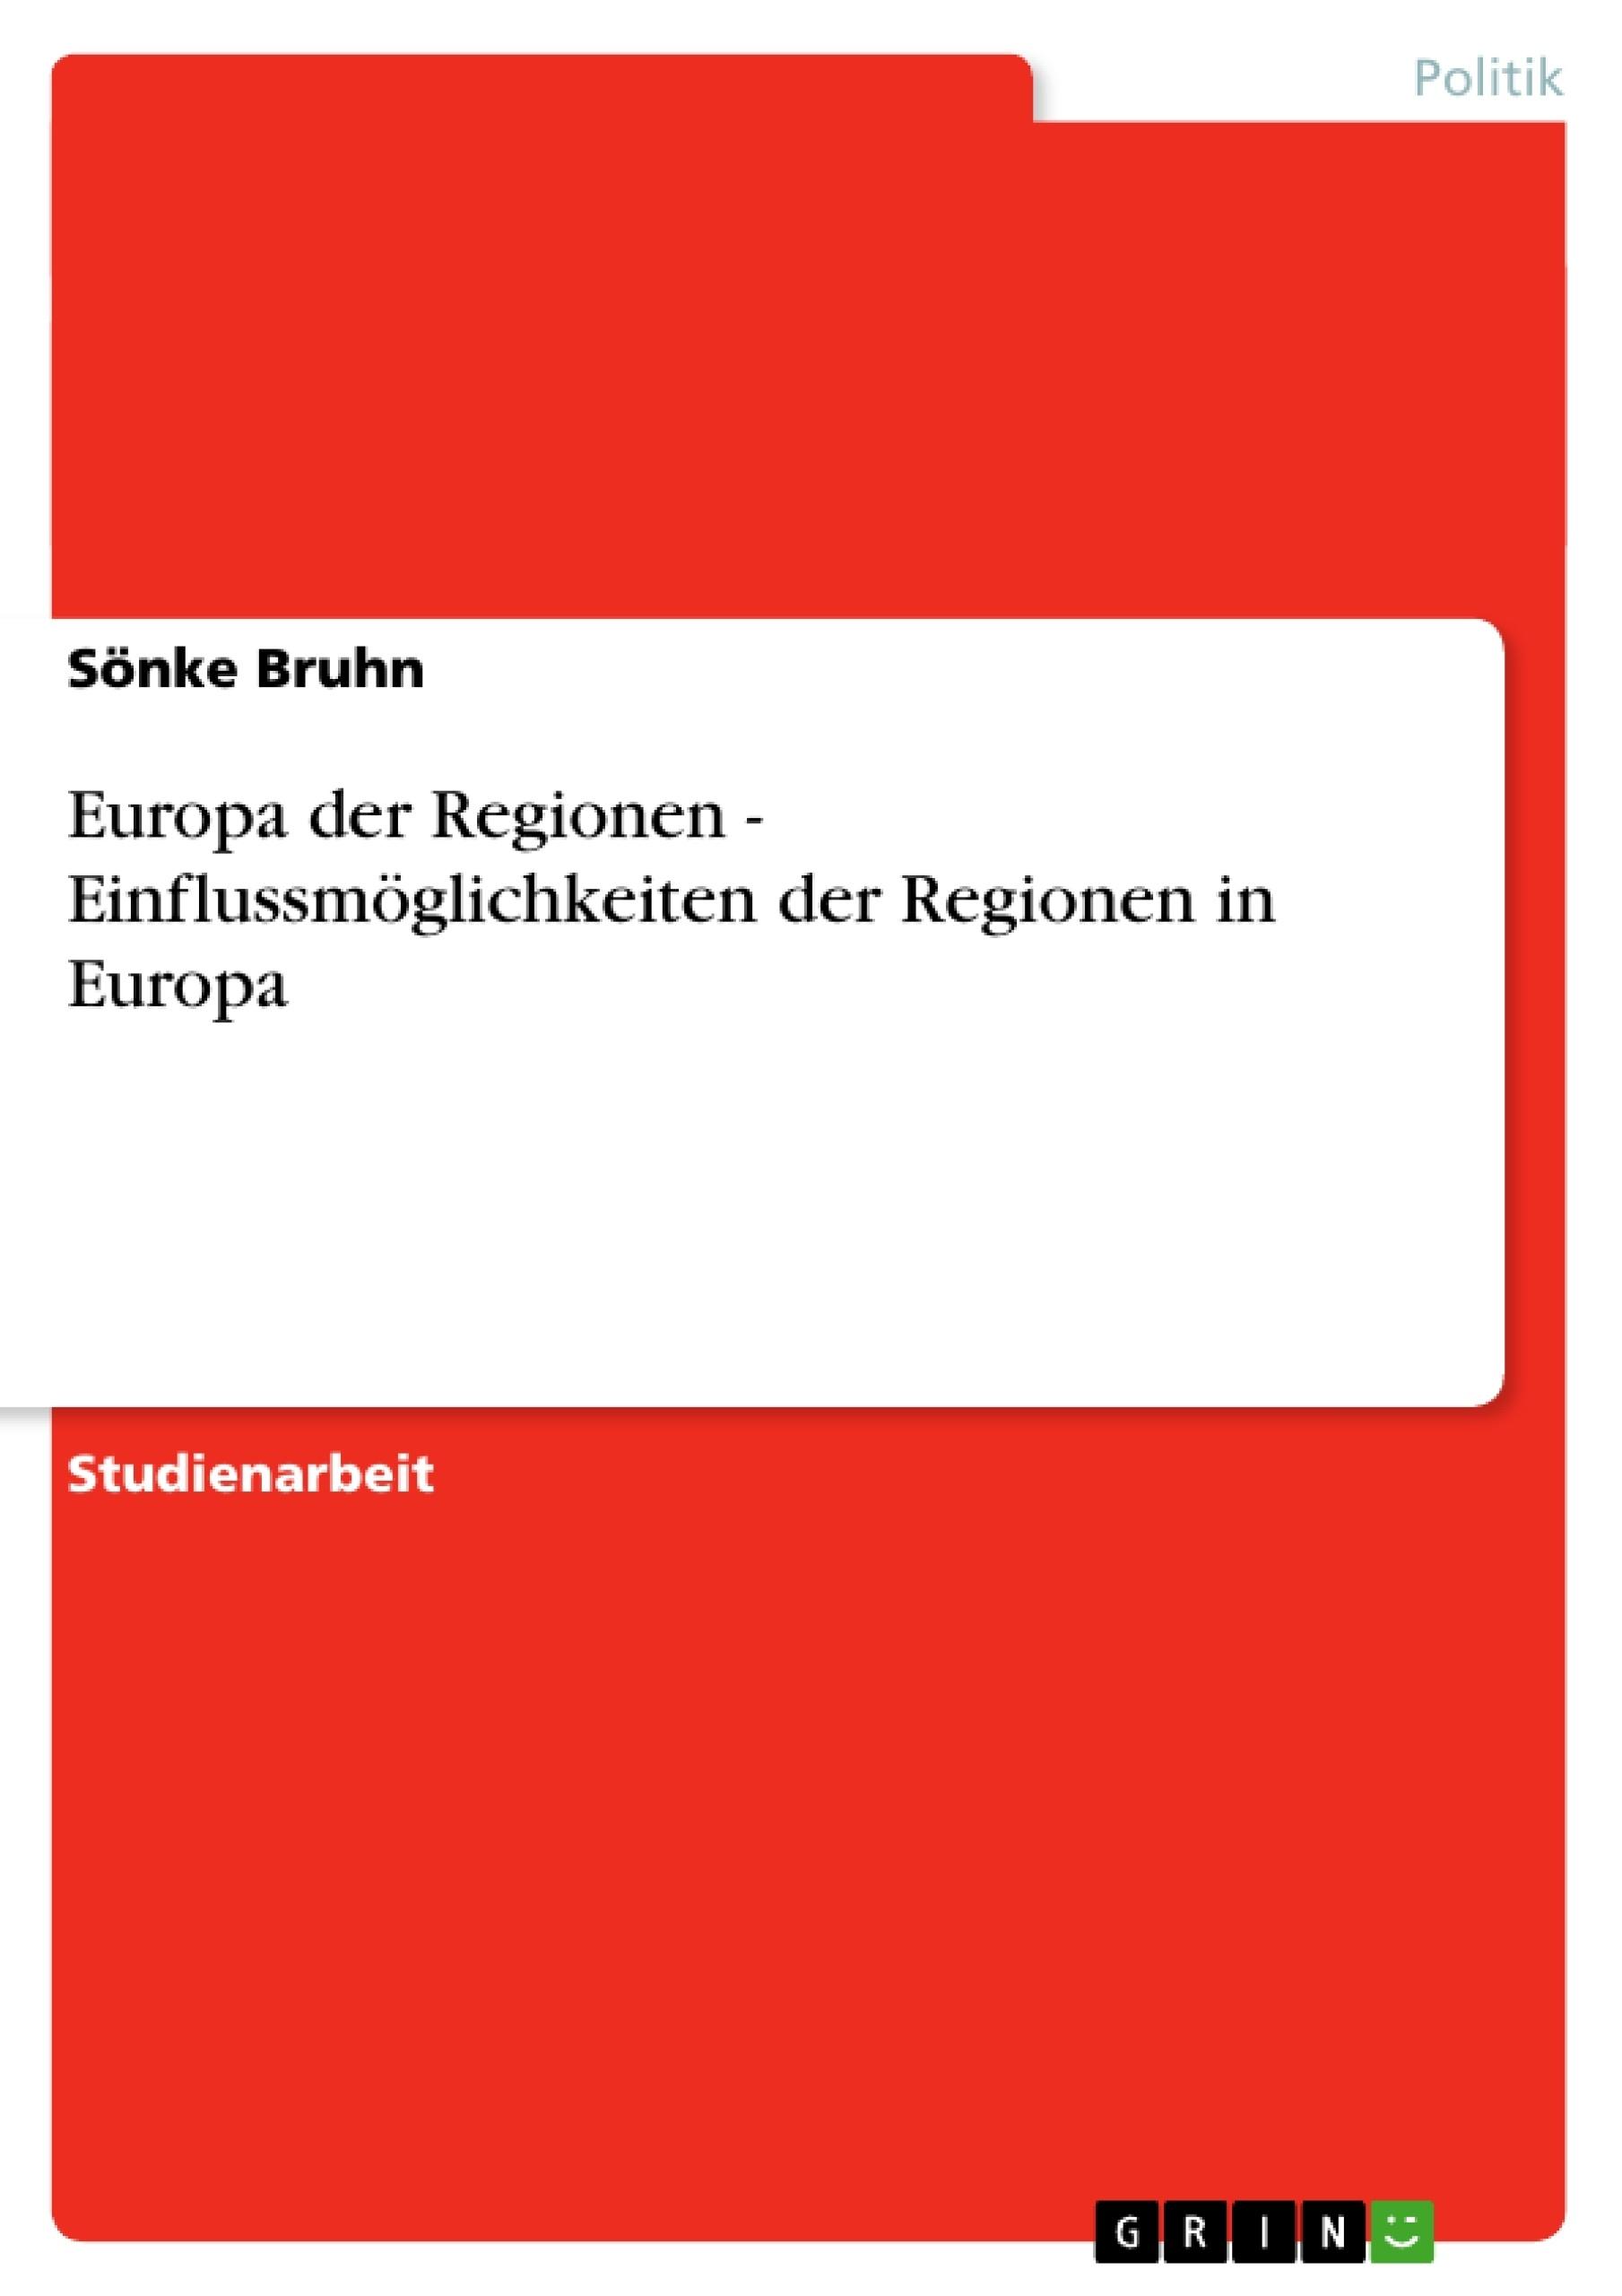 Titel: Europa der Regionen - Einflussmöglichkeiten der Regionen in Europa